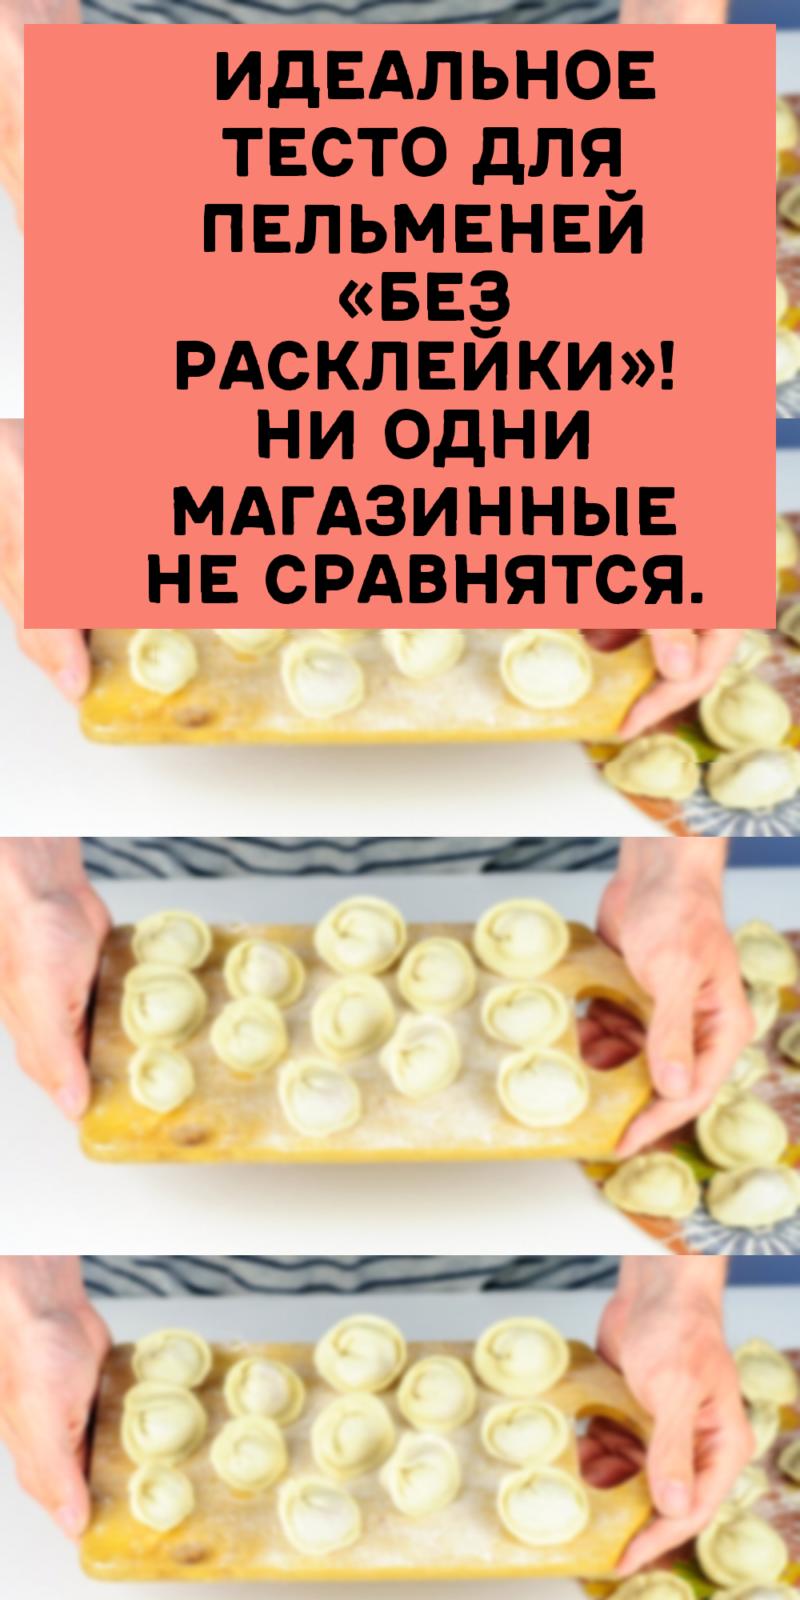 www.pinterest.ru Идеальное тесто для пельменей «Без расклейки»!